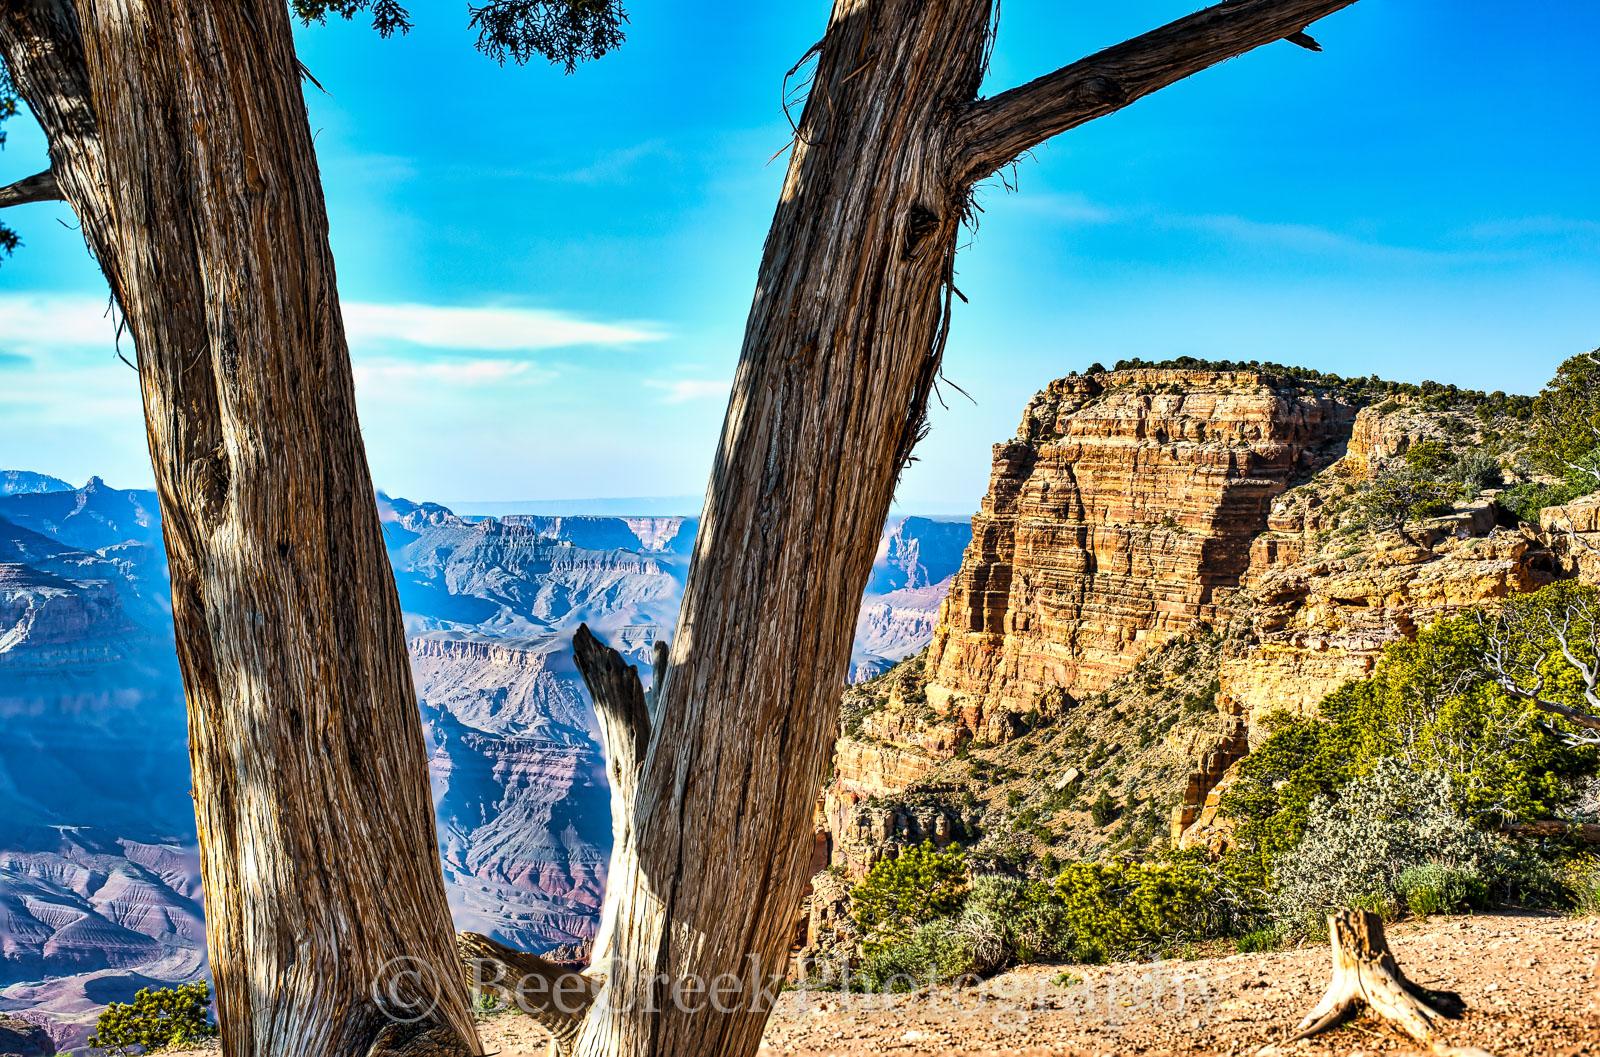 Gramd Canyon Vistas -Canyon Vistas as far as the eye can see. The Grand canyon park offer some spectacular views.